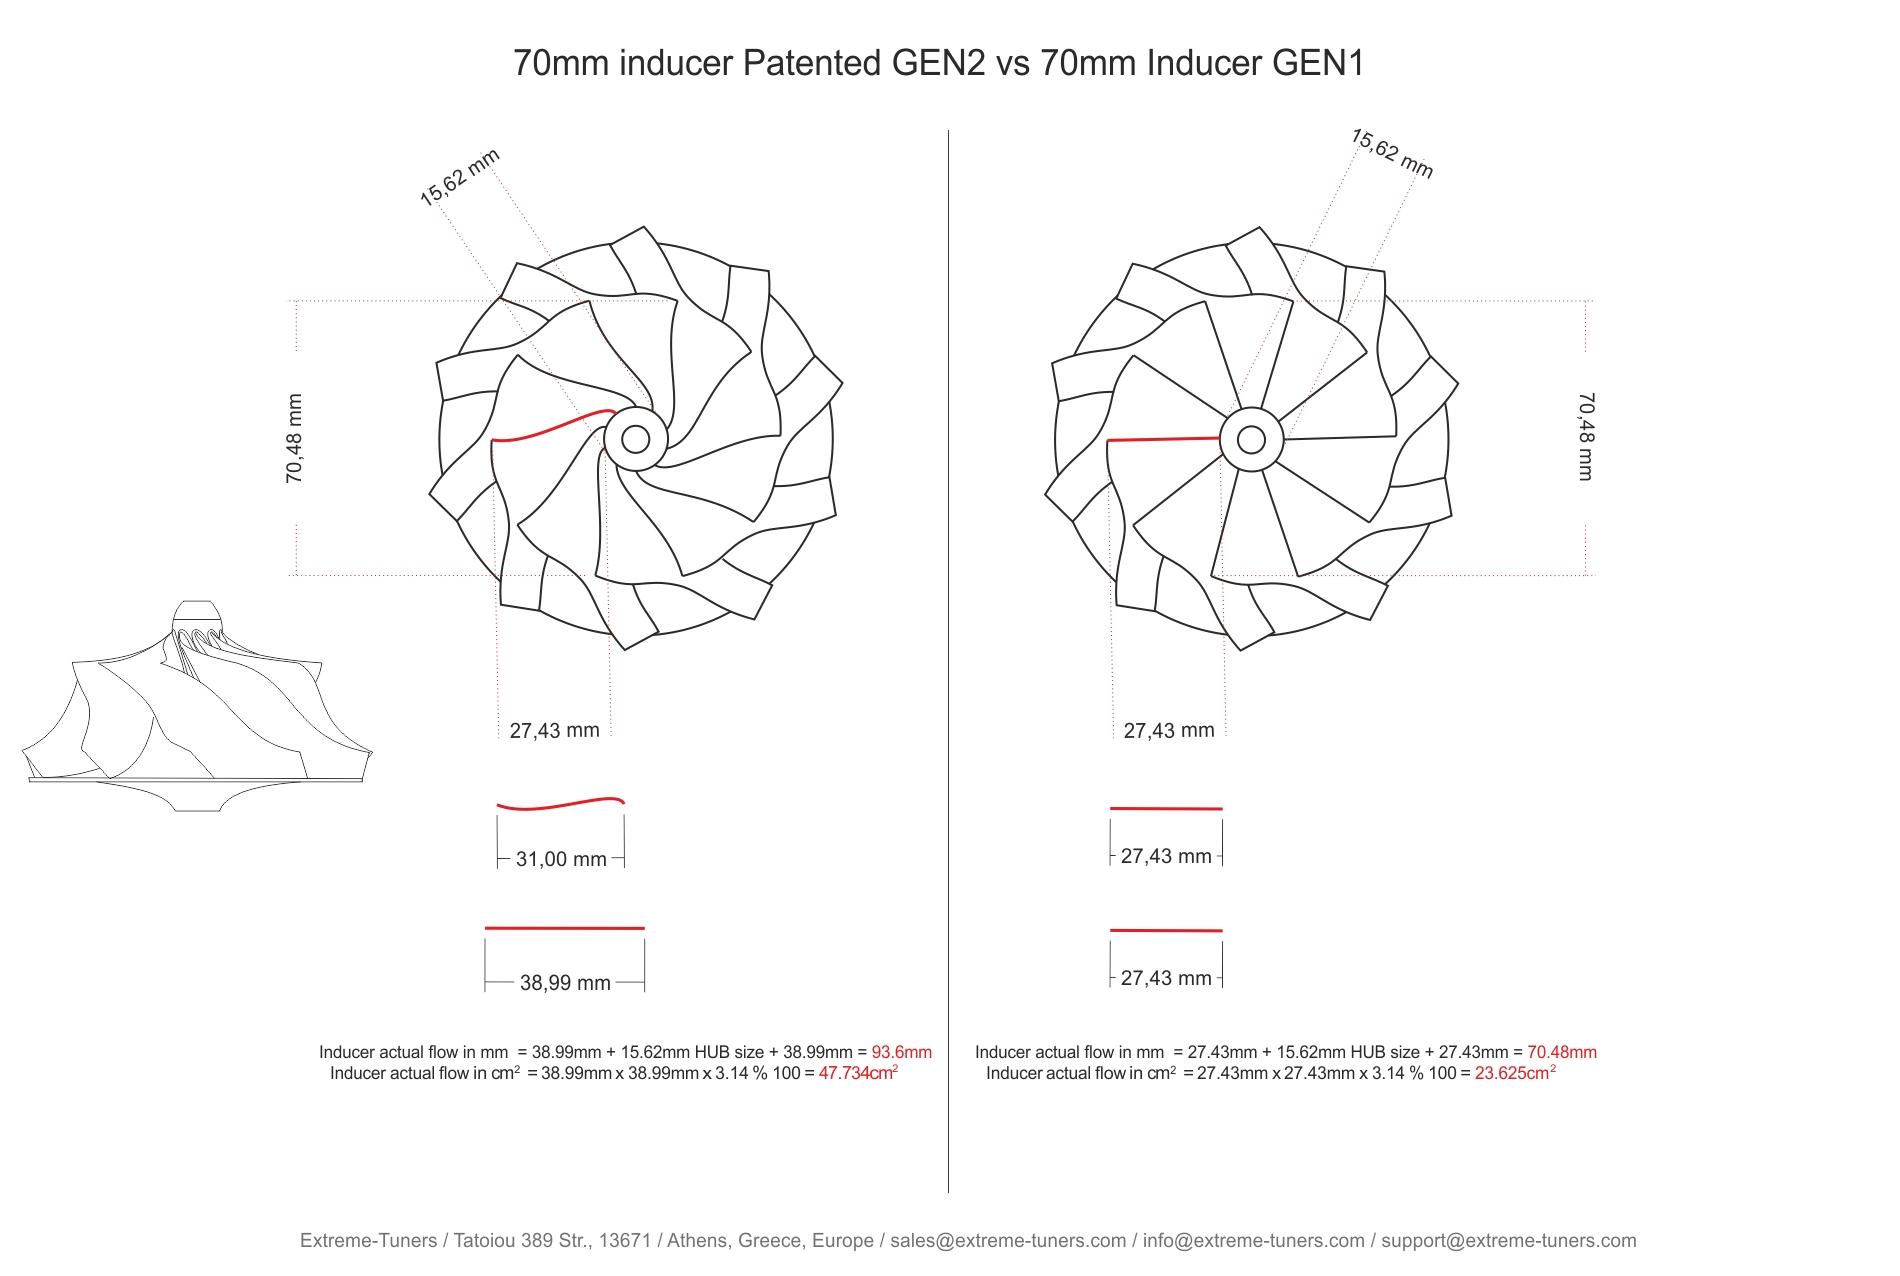 Gen2 vs Gen1